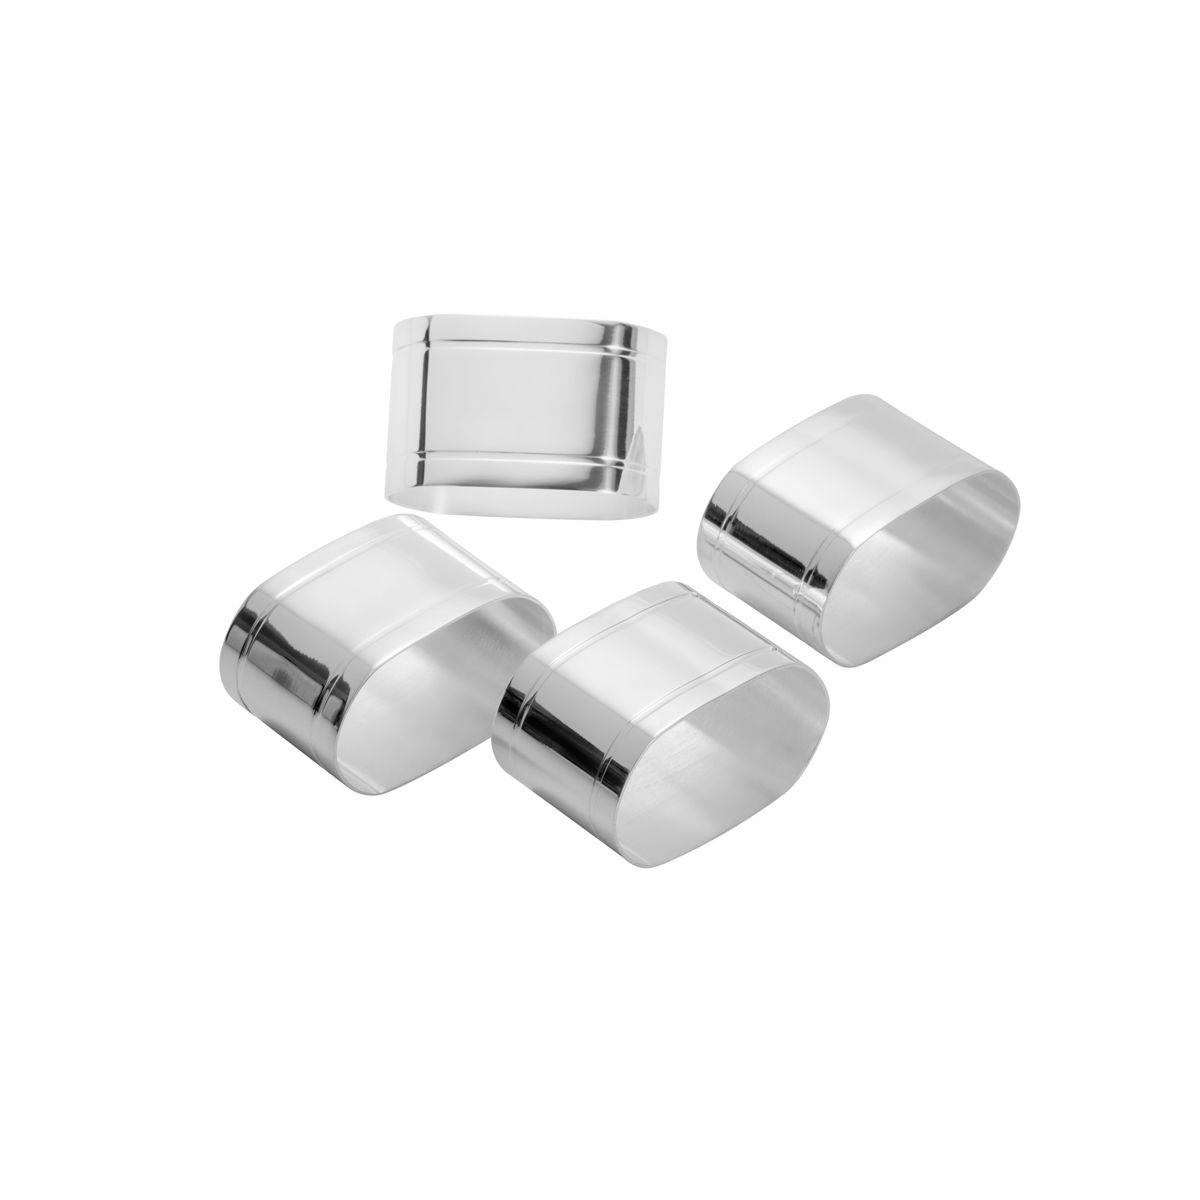 Conjunto 4 Anéis de Aço Inox para Guardanapo Elegance 5x3x3,5cm